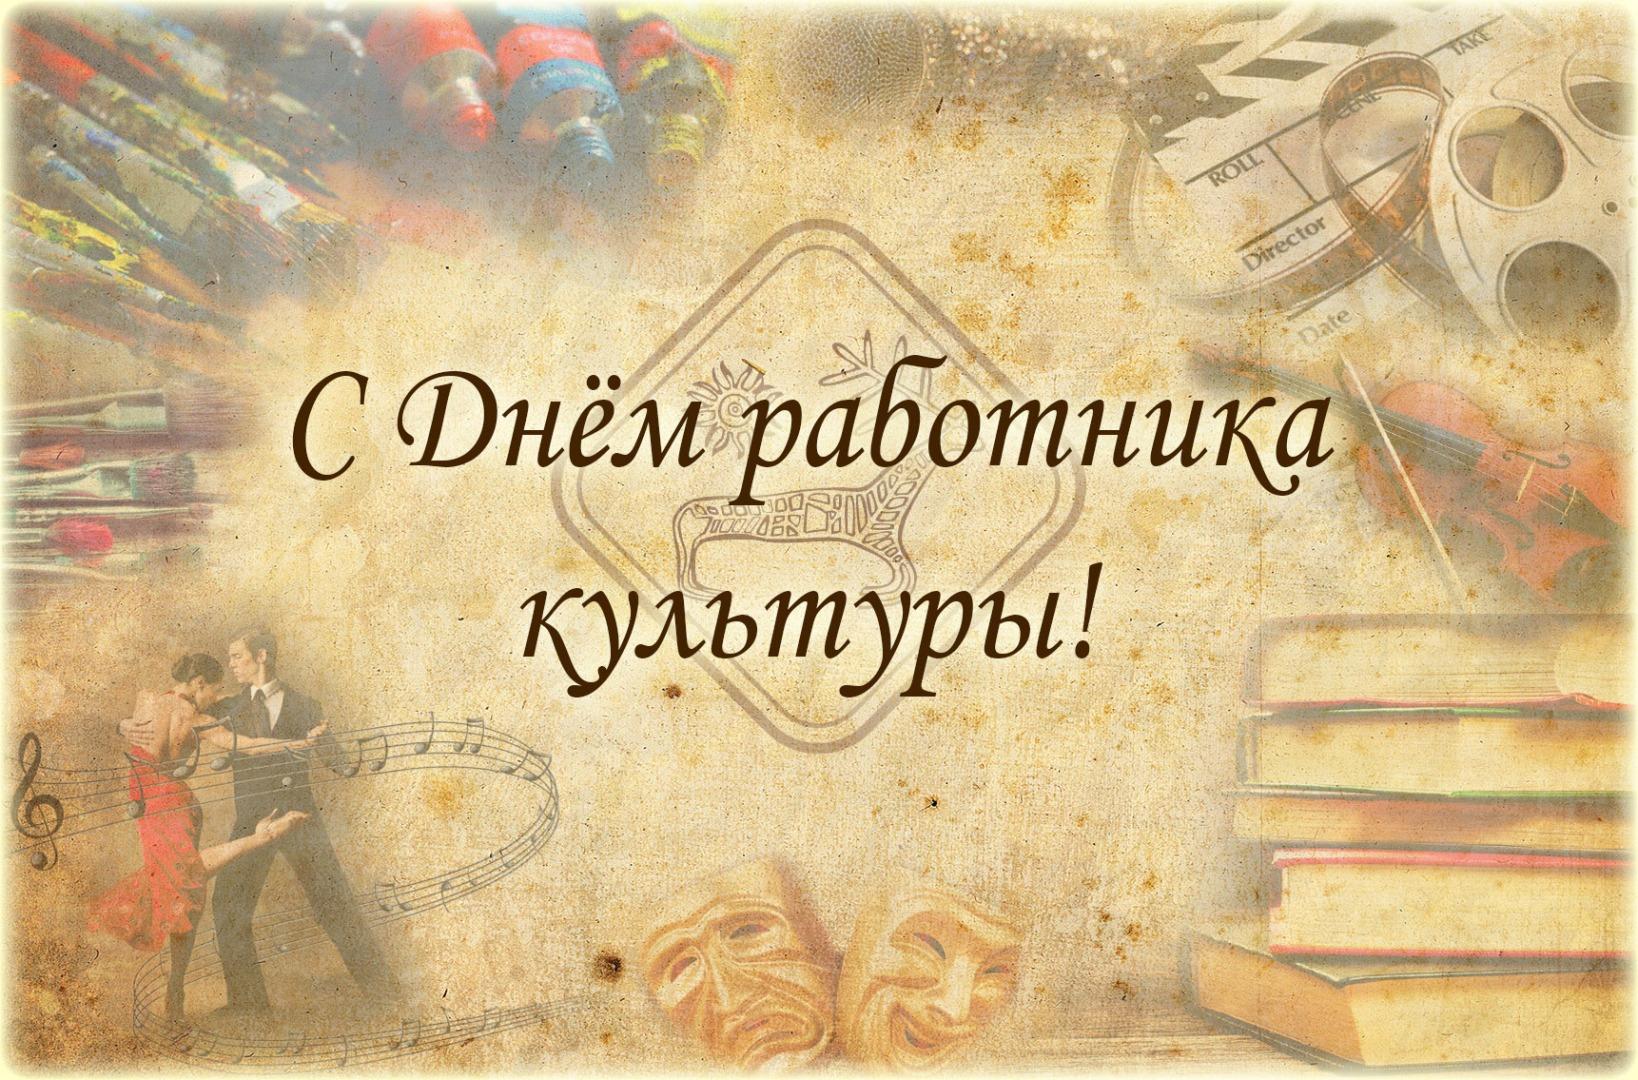 Картинки с поздравлениями к дню культуры, открытки поздравительные марта